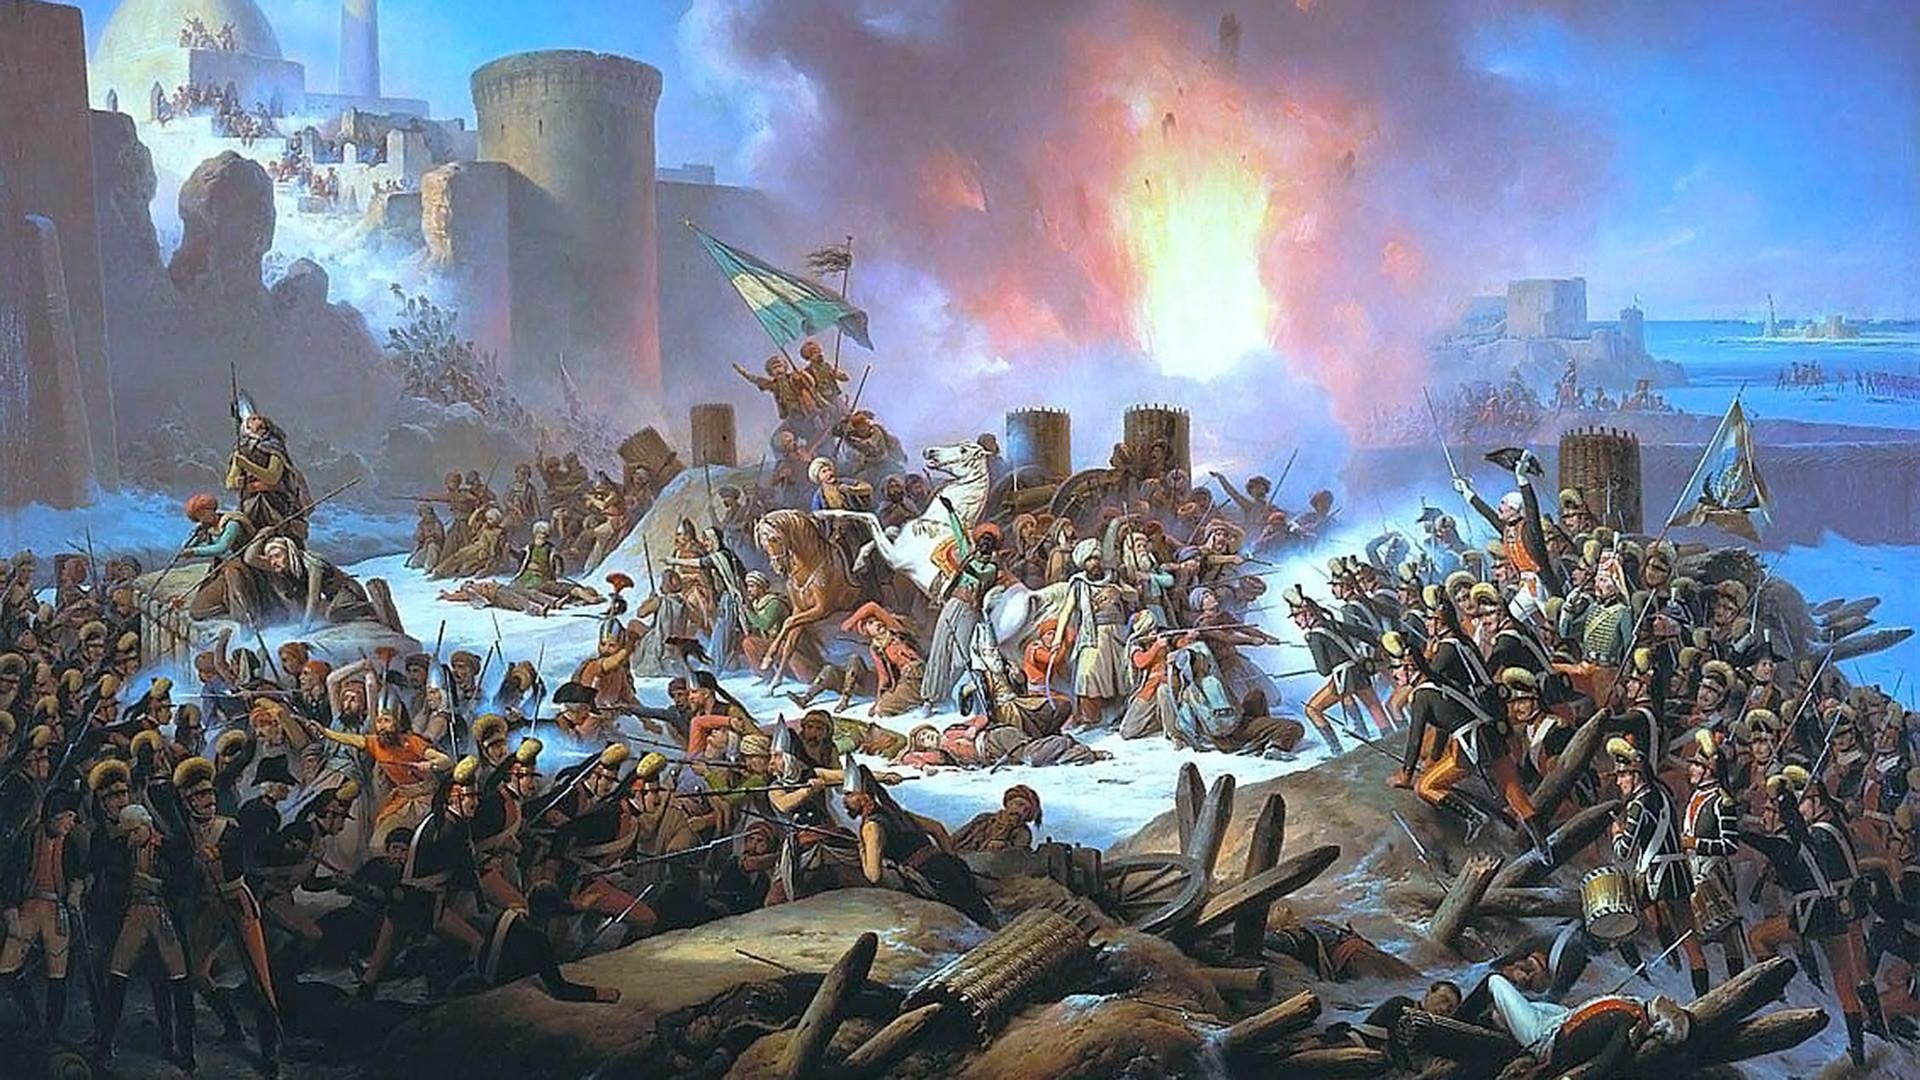 """Џон Пол Џонс је био """"један од главних актера"""" у успешном окршају Русије око турске тврђаве Очаков."""